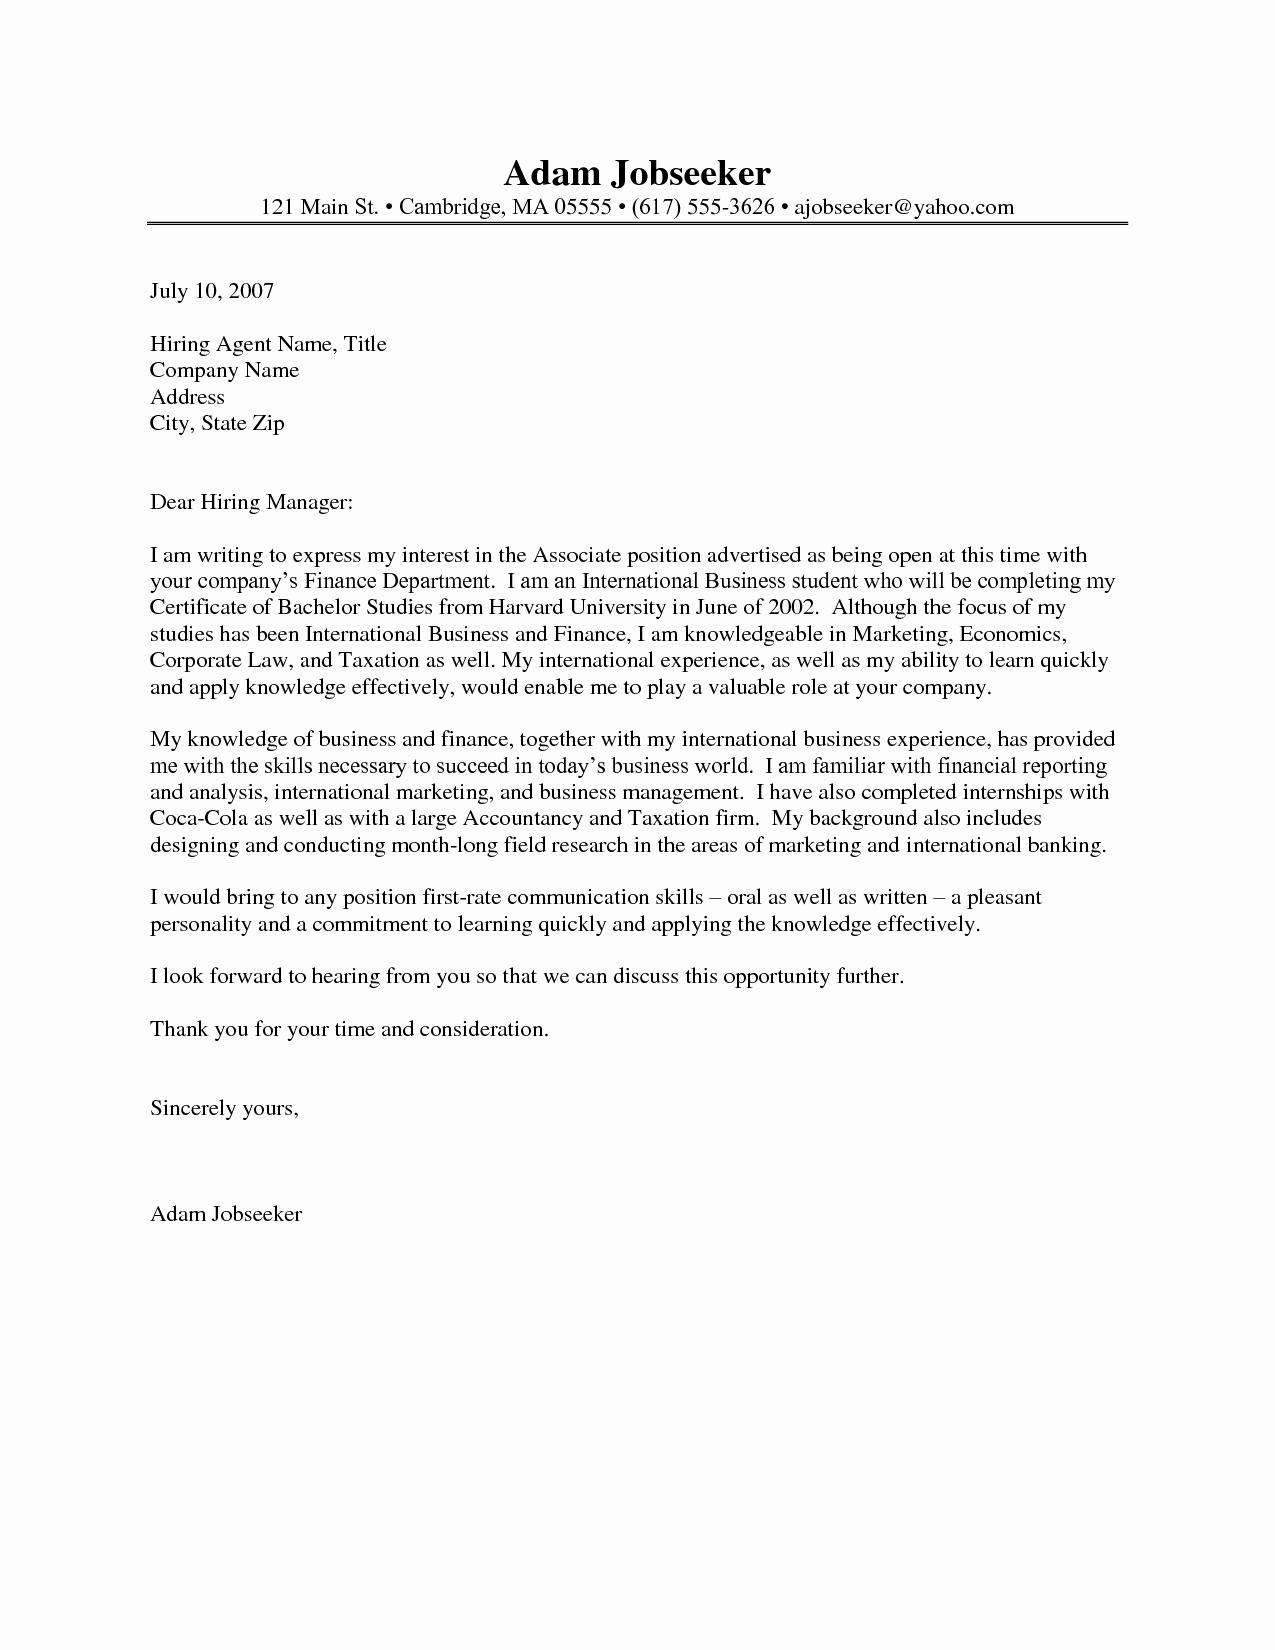 Internship Cover Letter Sample New Example Cover Letter for Internship